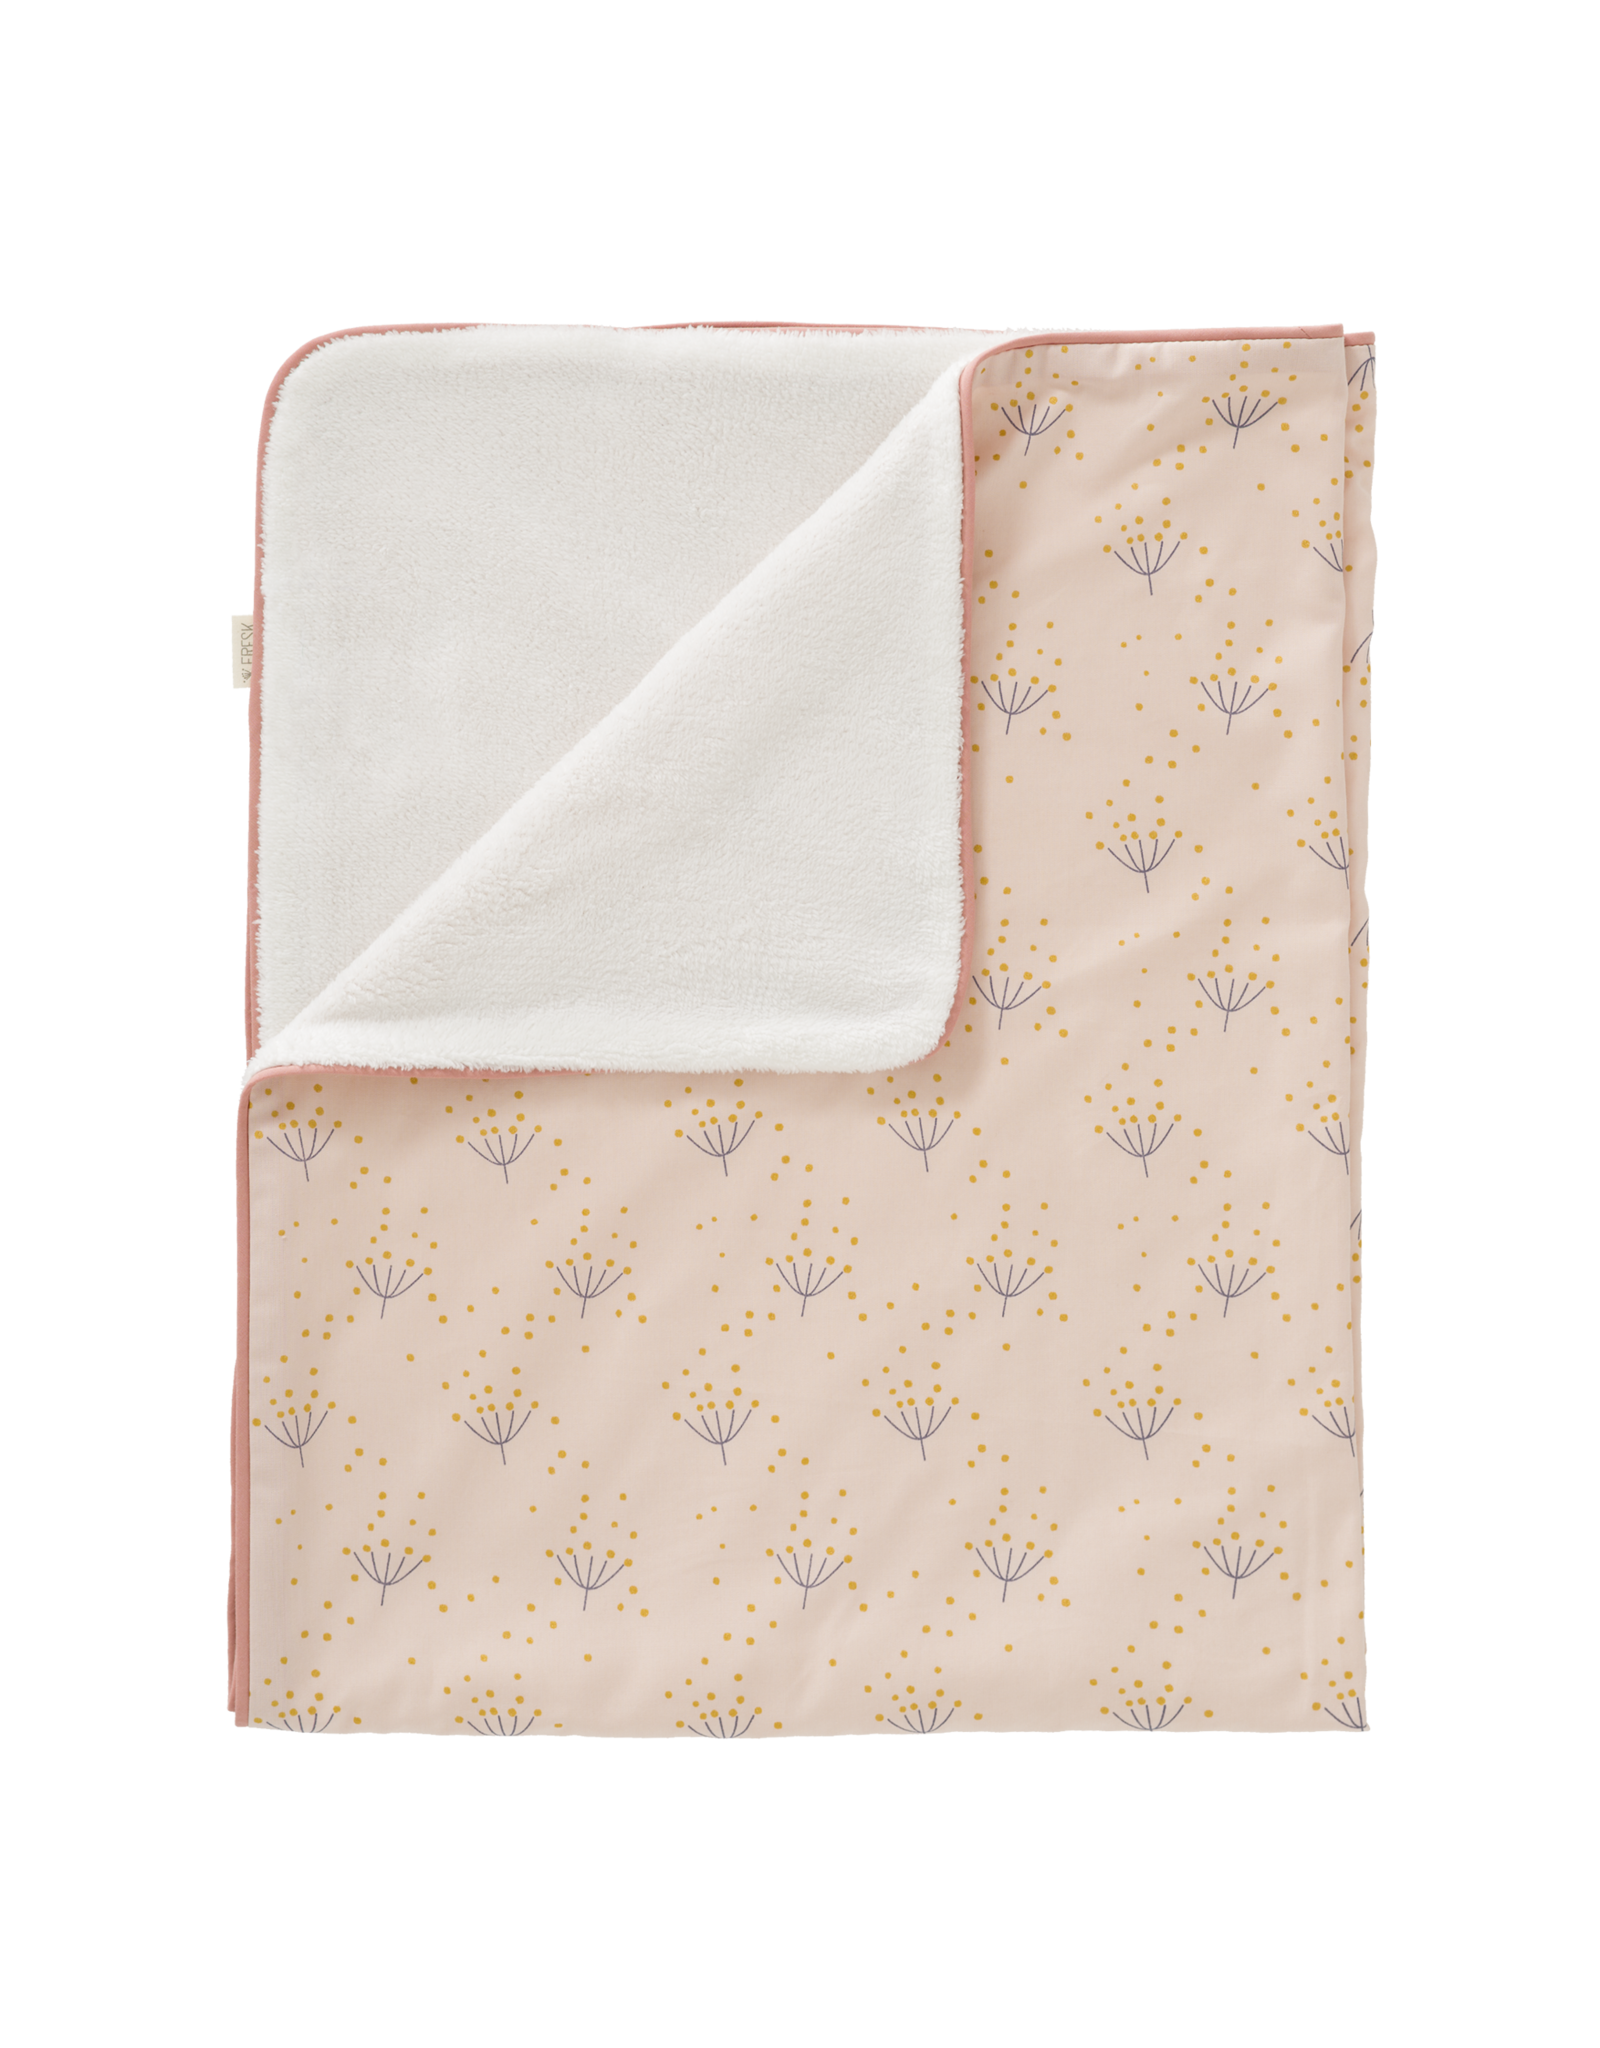 Fresk Fresk Blanket Katoen/Velours Dandelion